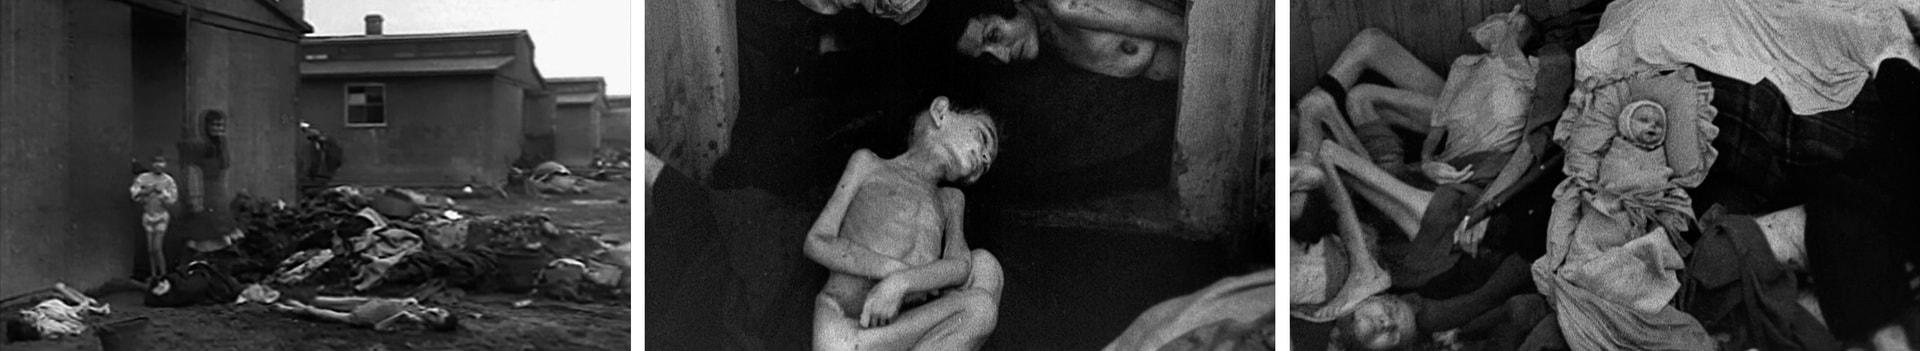 Кадры Холокоста евреев в лагерях смерти